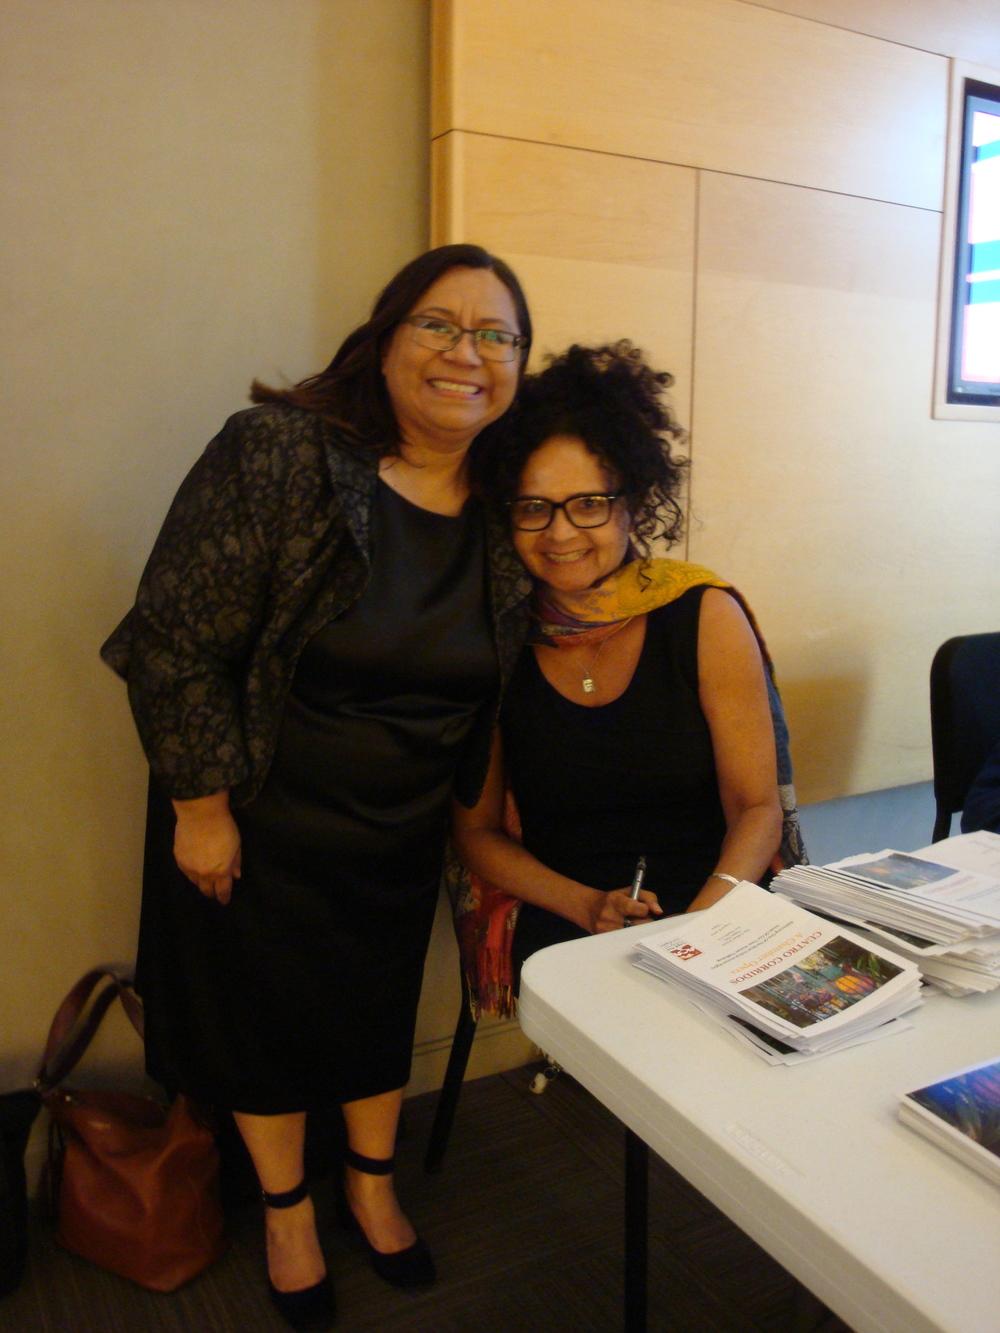 Silvia Argueta and Millie Huer